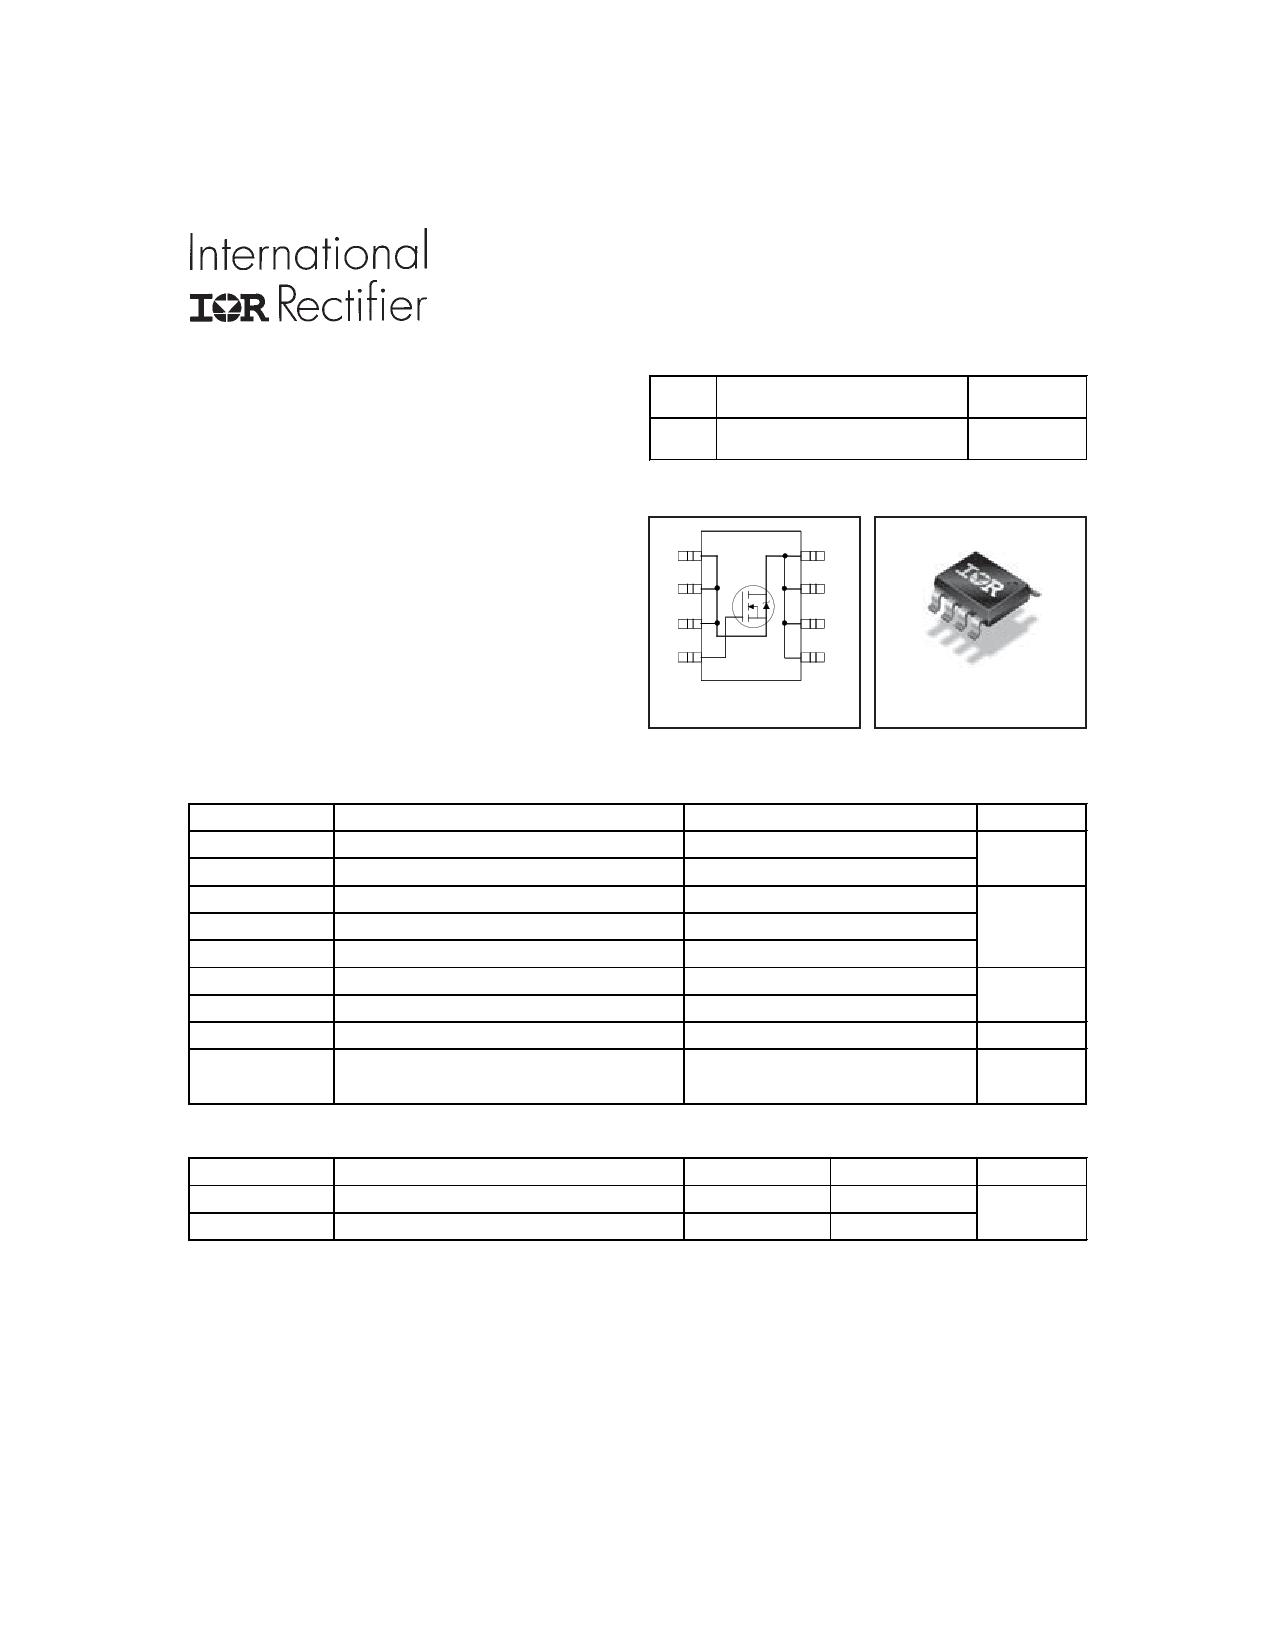 IRF7834 Datasheet, IRF7834 PDF,ピン配置, 機能